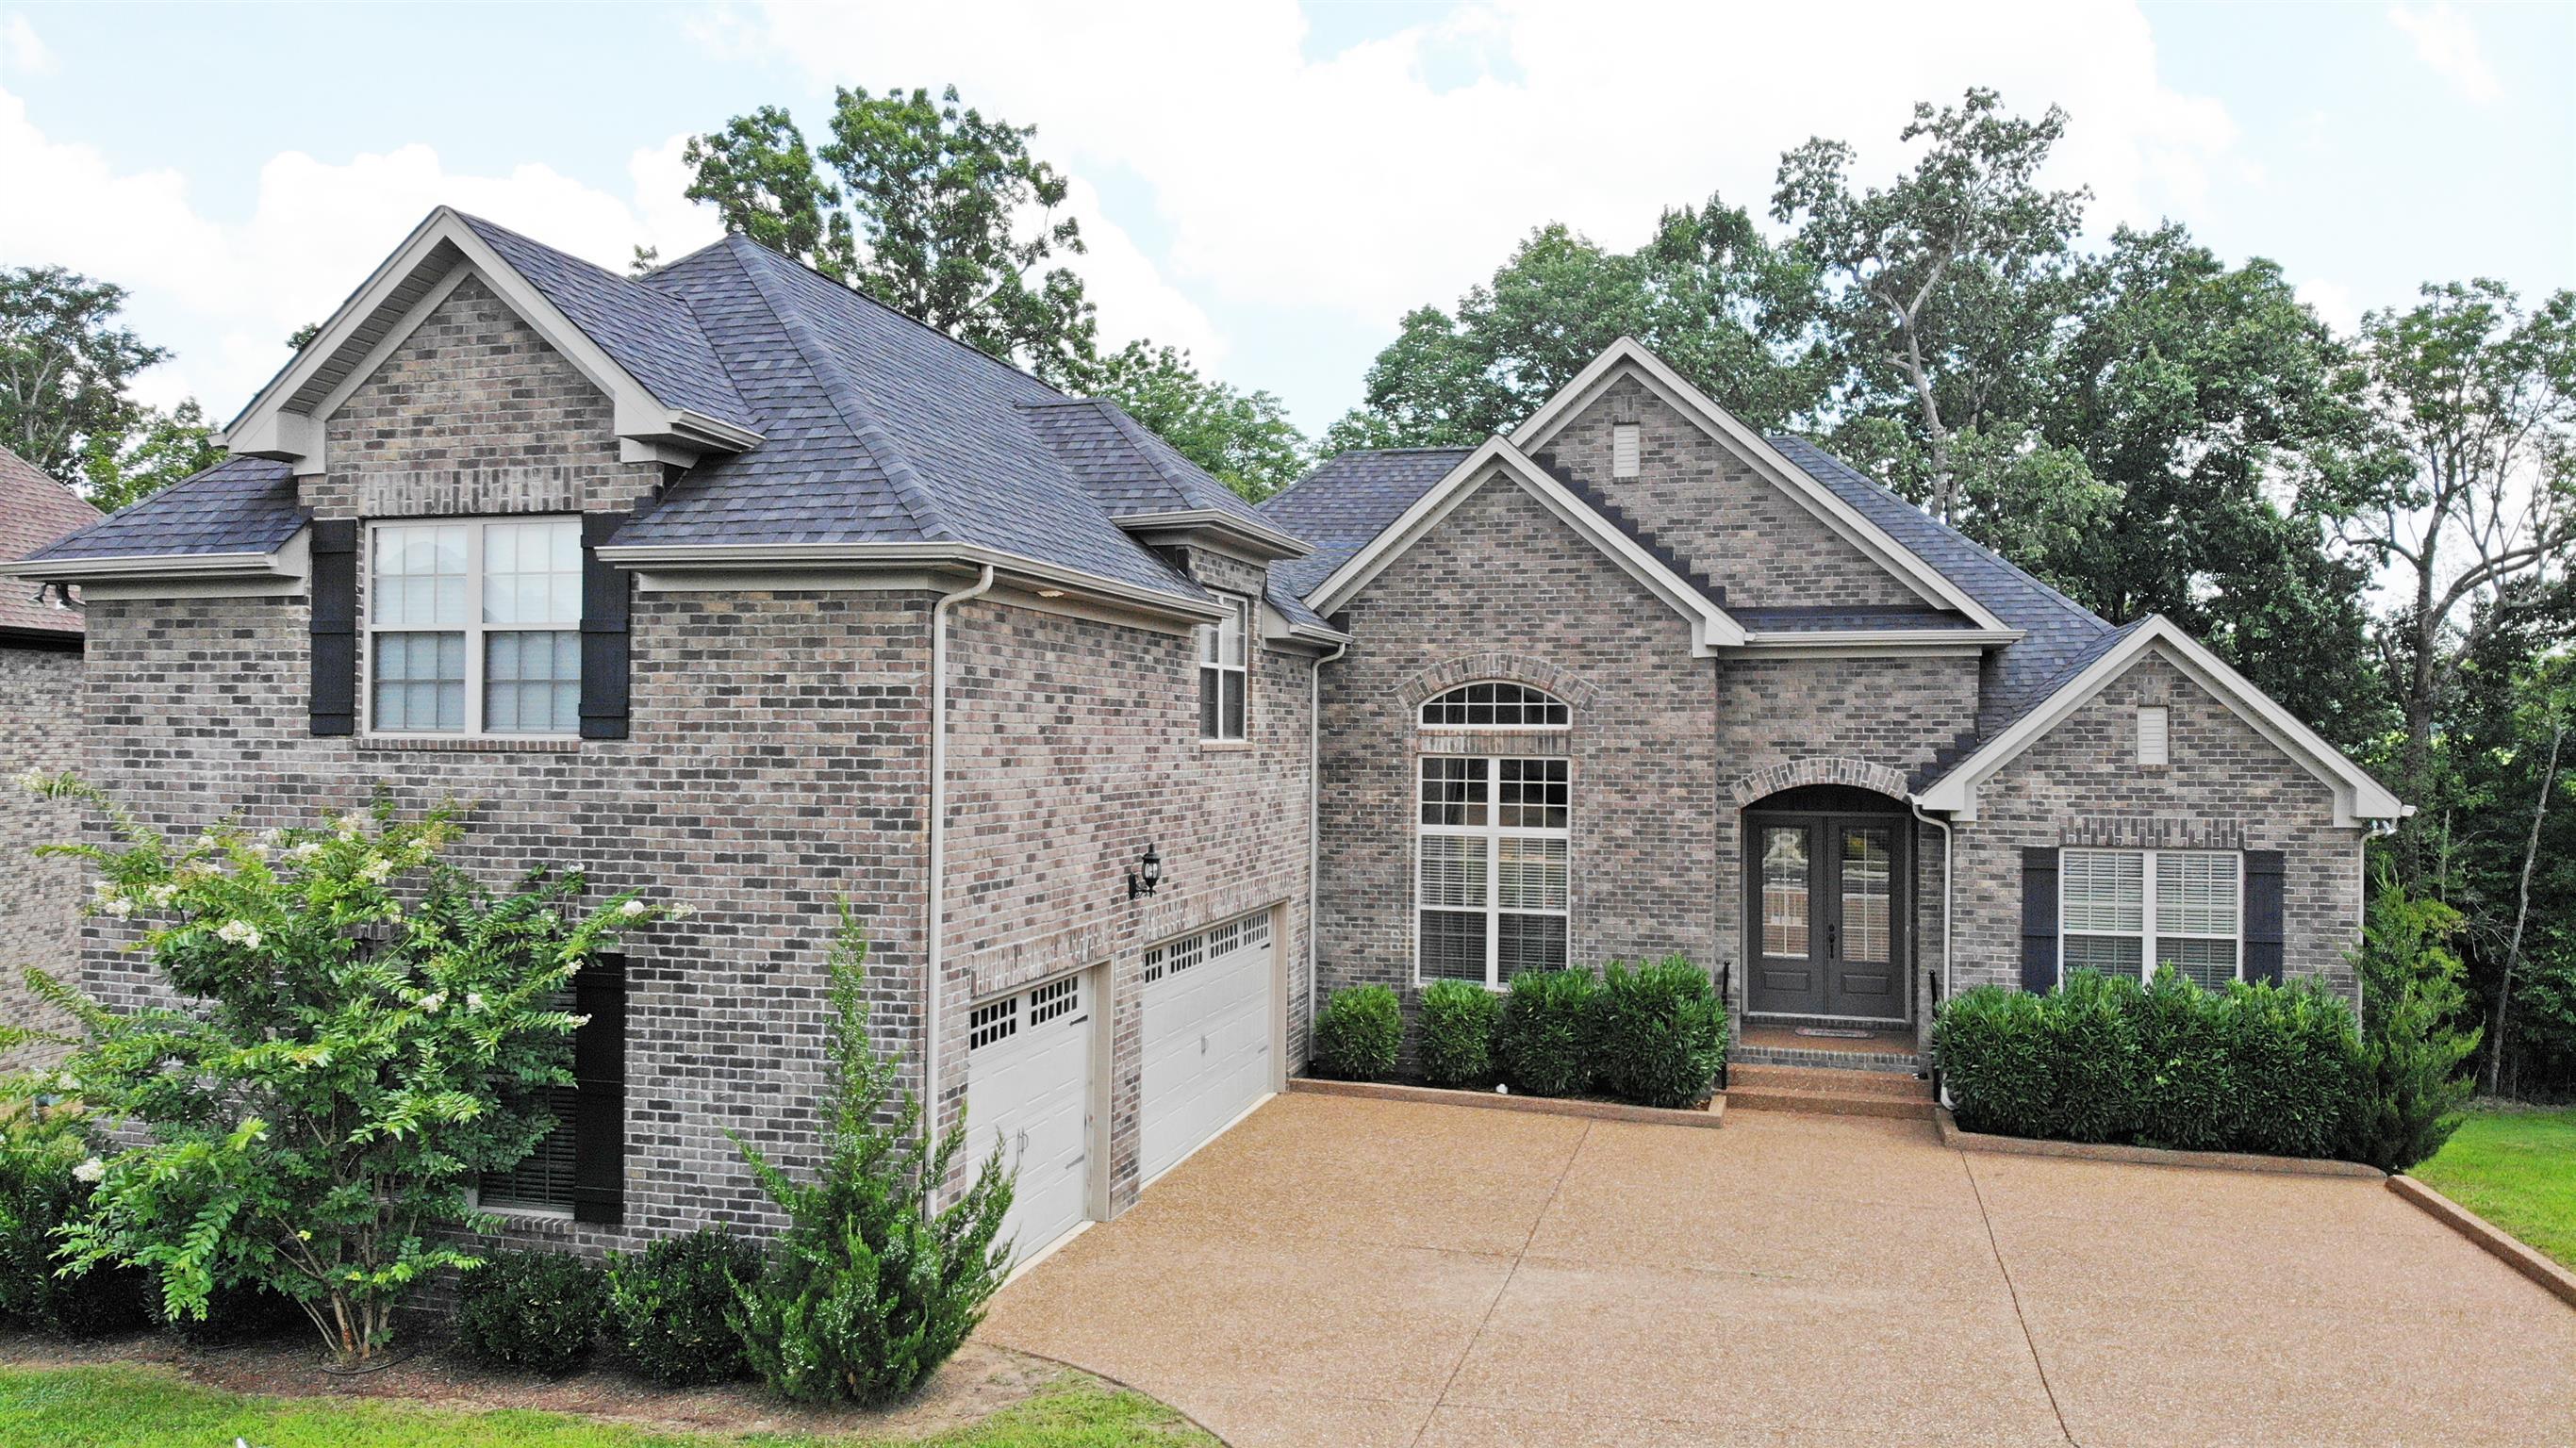 1042 Tower Hill Ln, Hendersonville, TN 37075 - Hendersonville, TN real estate listing